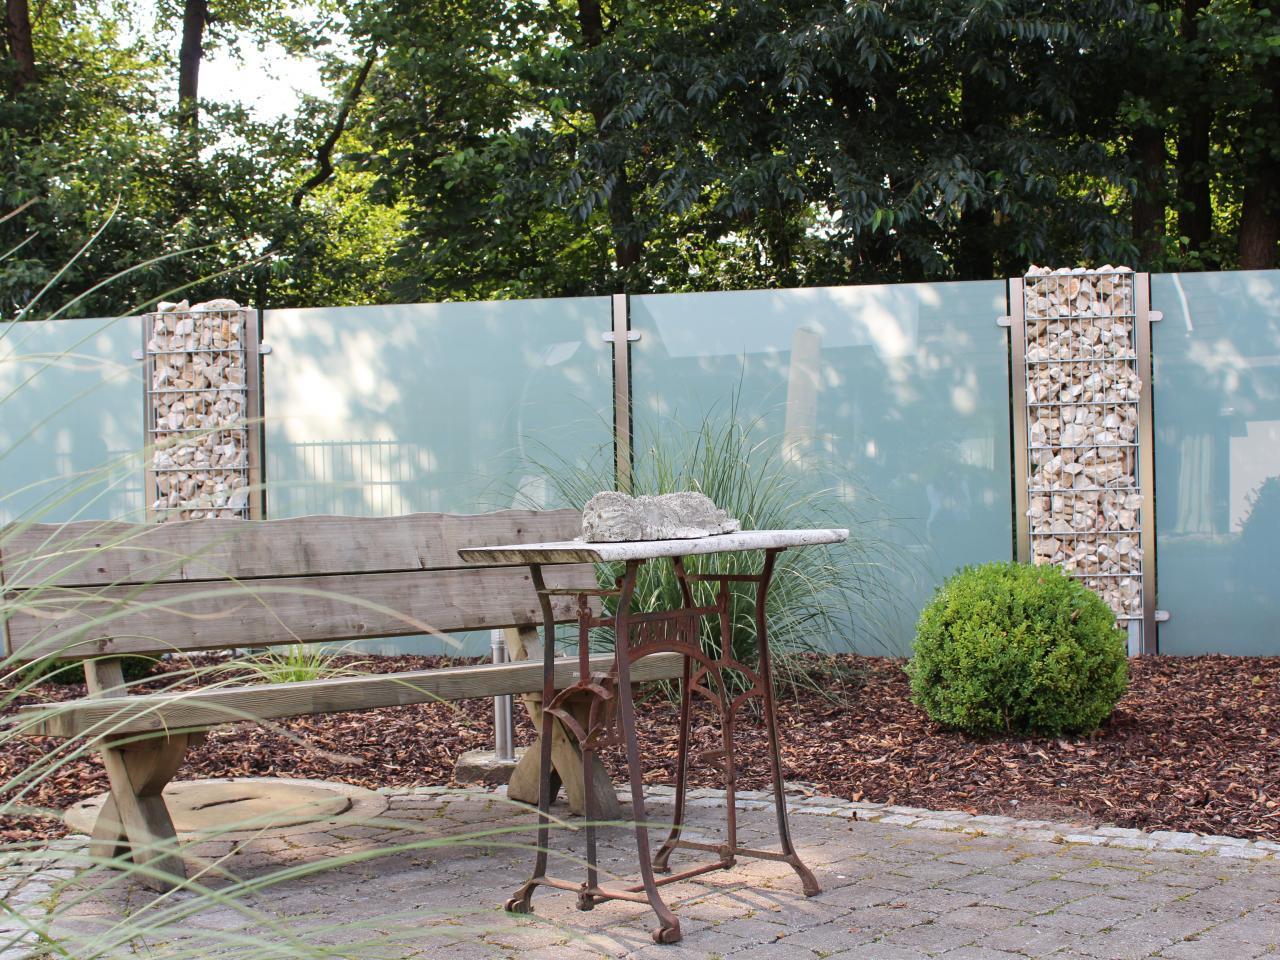 Sichtschutz Im Garten  Sichtschutz aus Glas für den Garten